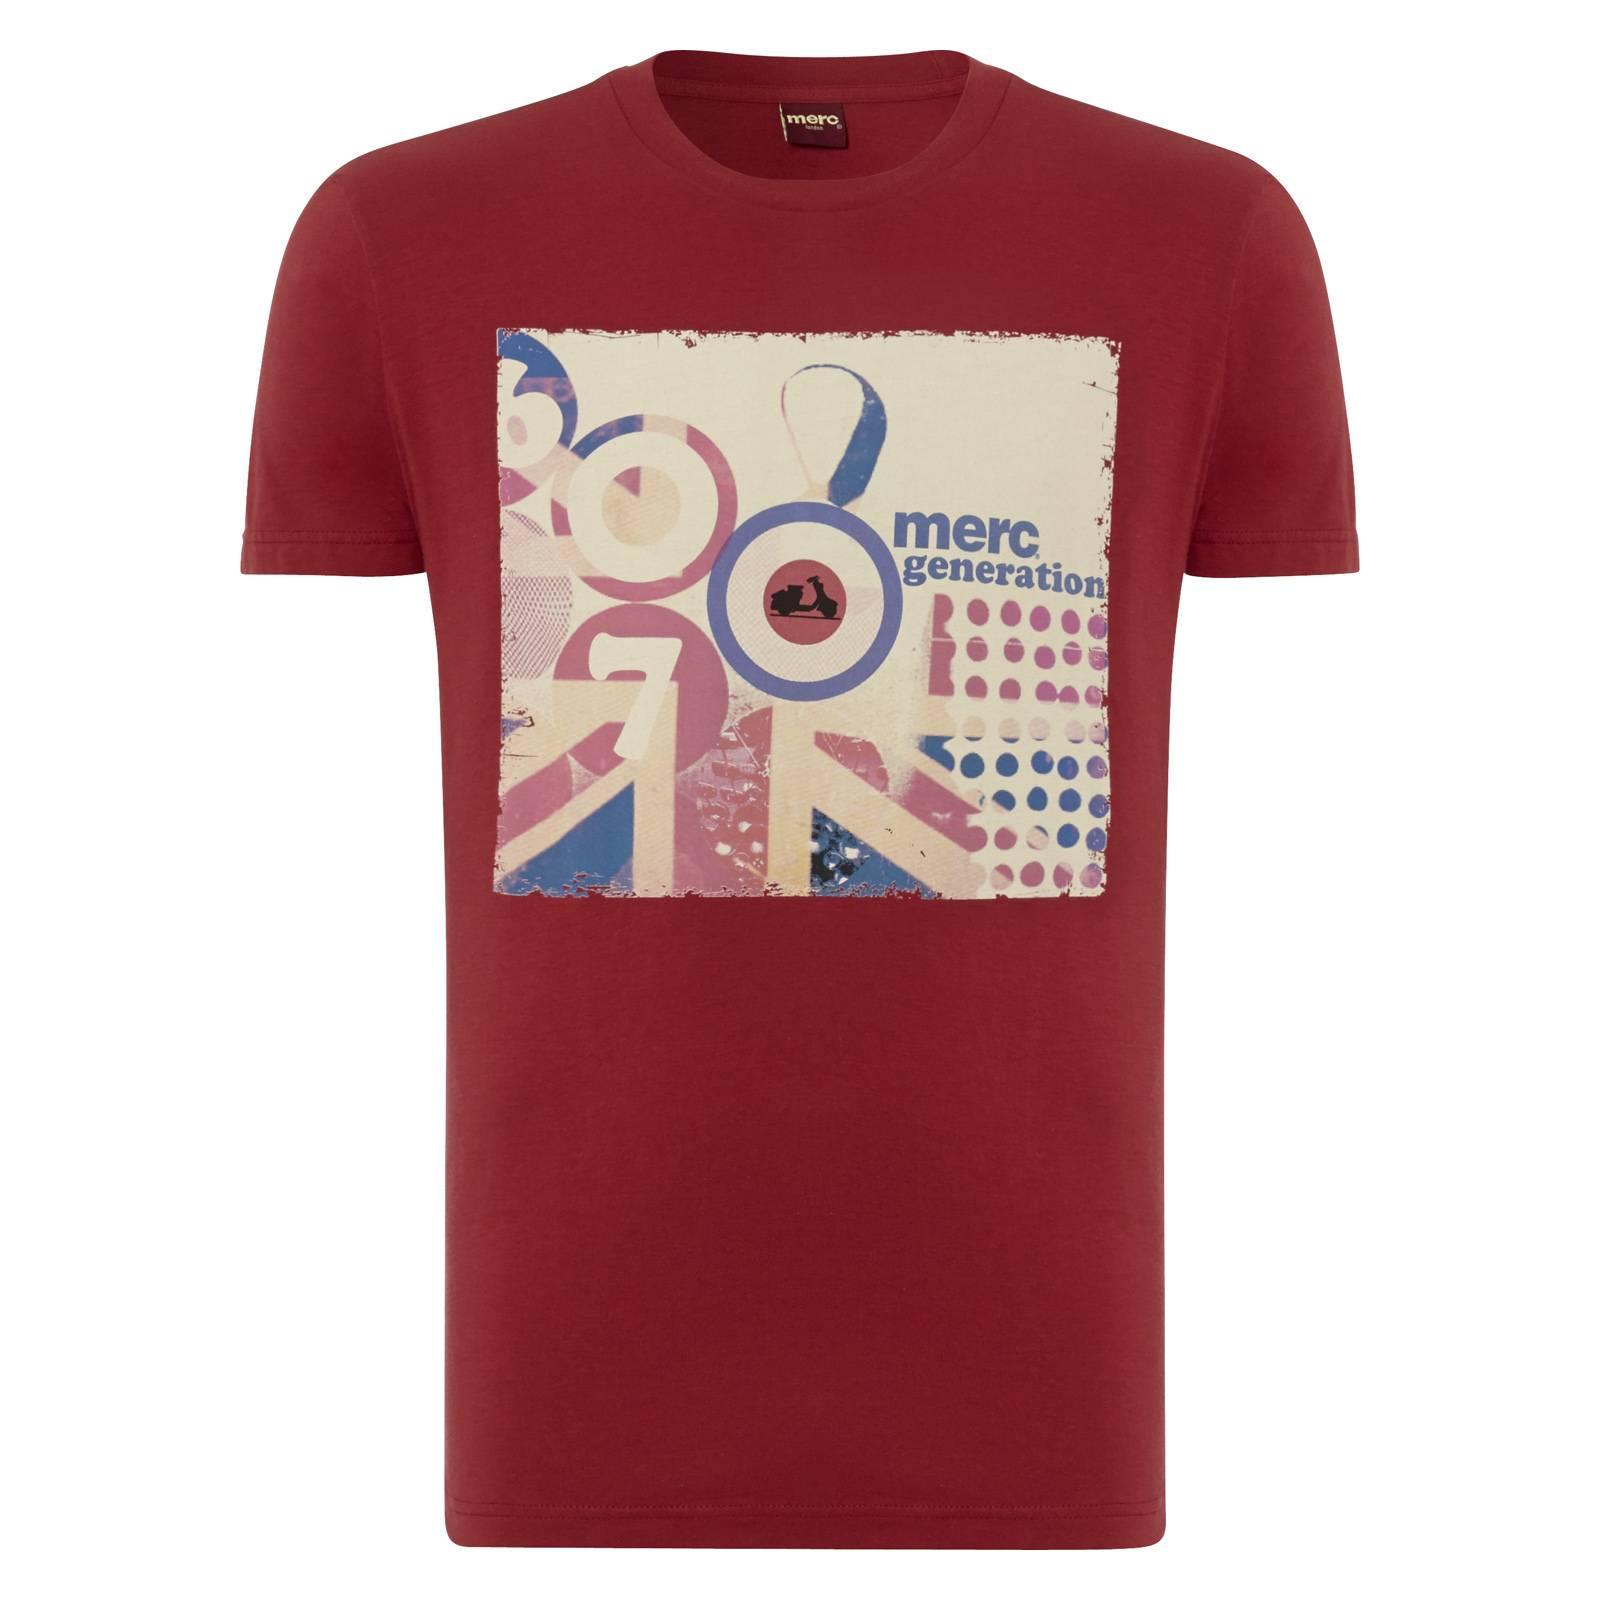 Футболка KershawФутболки<br>Яркая, самобытная футболка приталенного силуэта с контрастным, в ретро-стиле, принтом, изображающим стилизованный британский Юнион Джек, мод-символ - &amp;amp;quot;таргет&amp;amp;quot; с компактно вписанным в него скутером. Цифра 67, обозначающая год основания бренда, а также надпись &amp;amp;quot;Merc generation&amp;amp;quot;  c англ. - поколение  связывают картину воедино.<br><br>Артикул: 1714102<br>Материал: 100% хлопок<br>Цвет: красный<br>Пол: Мужской